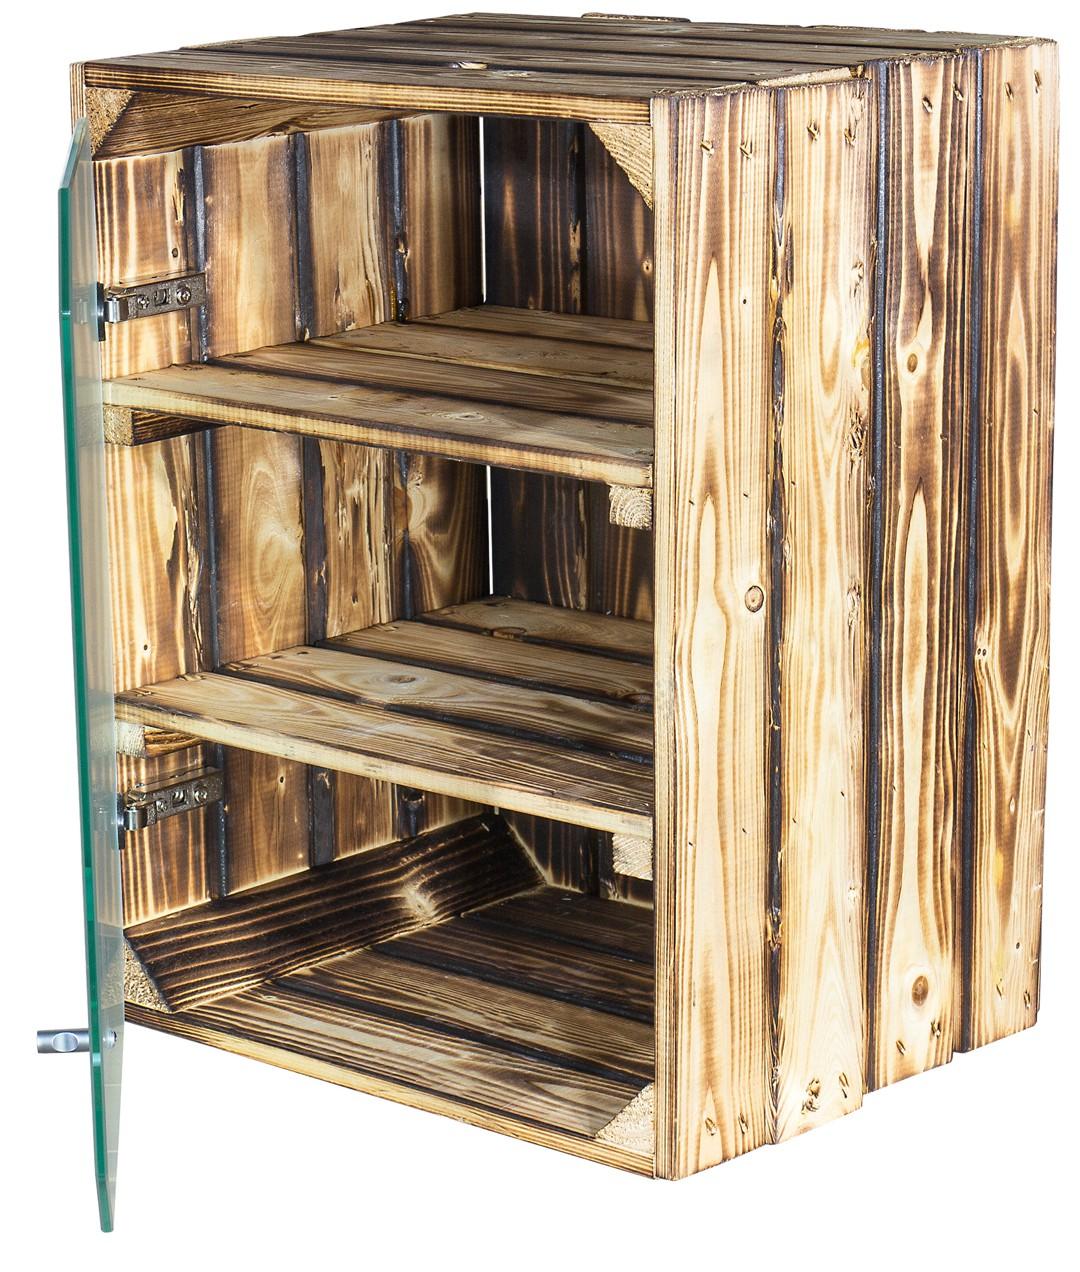 apfelkisten neue geflammte apfelkiste altes land mit glast r milchig 50x40x30cm. Black Bedroom Furniture Sets. Home Design Ideas